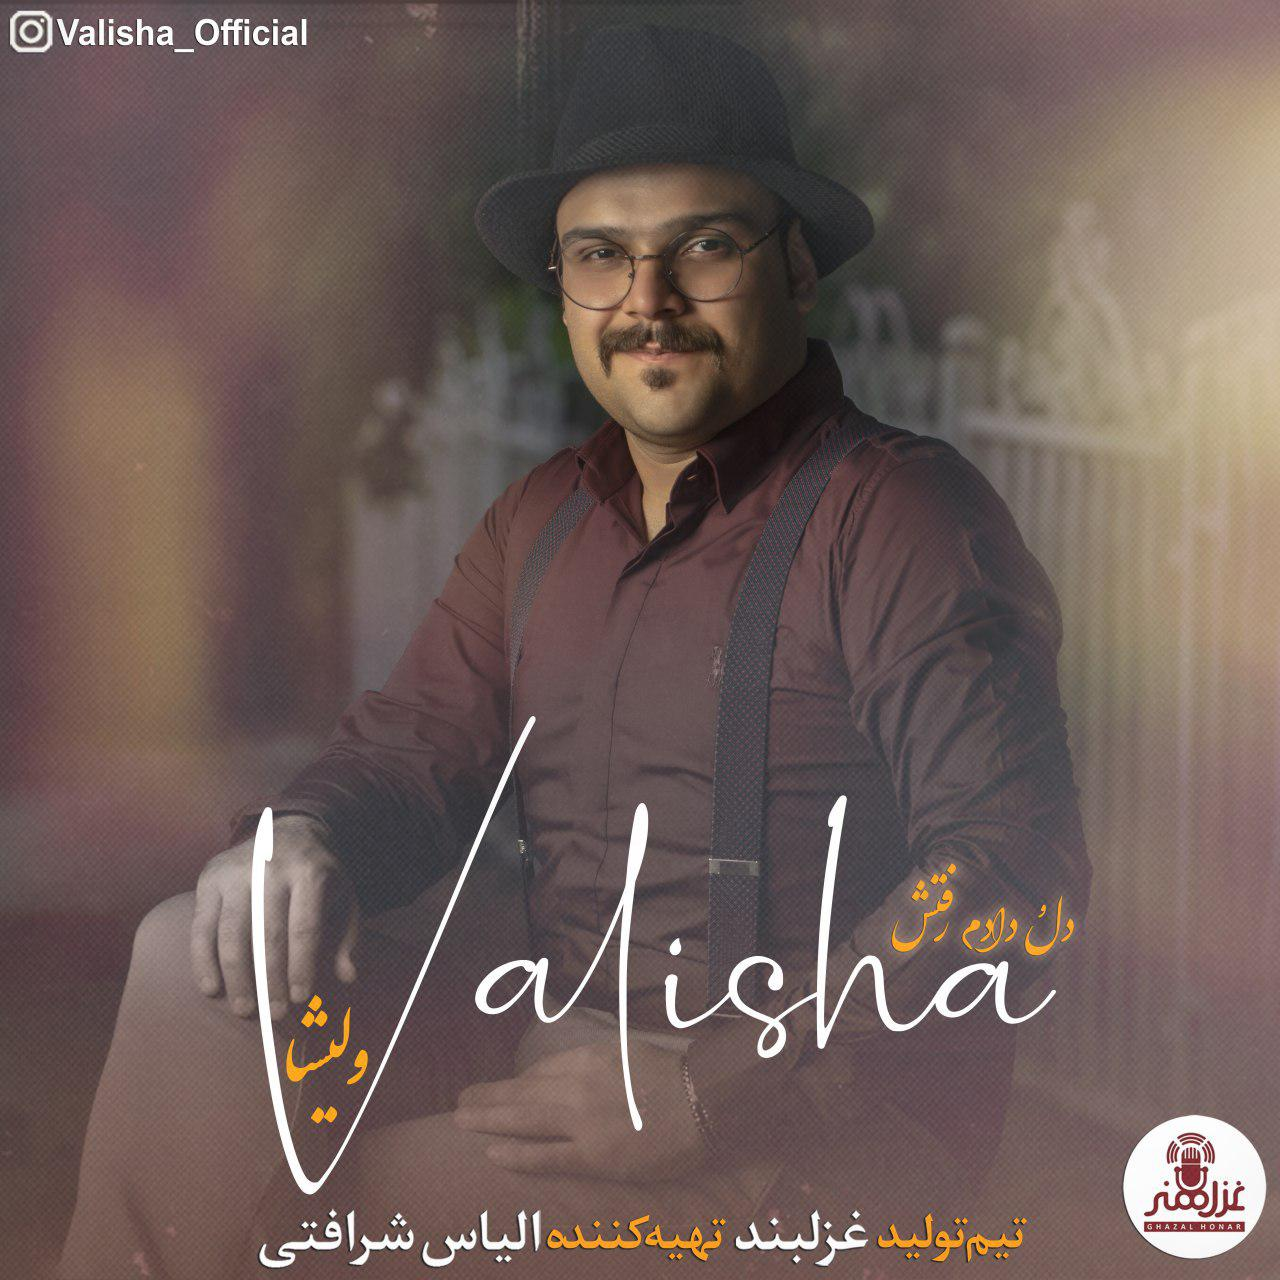 Valisha – Delo Dadam Raftesh